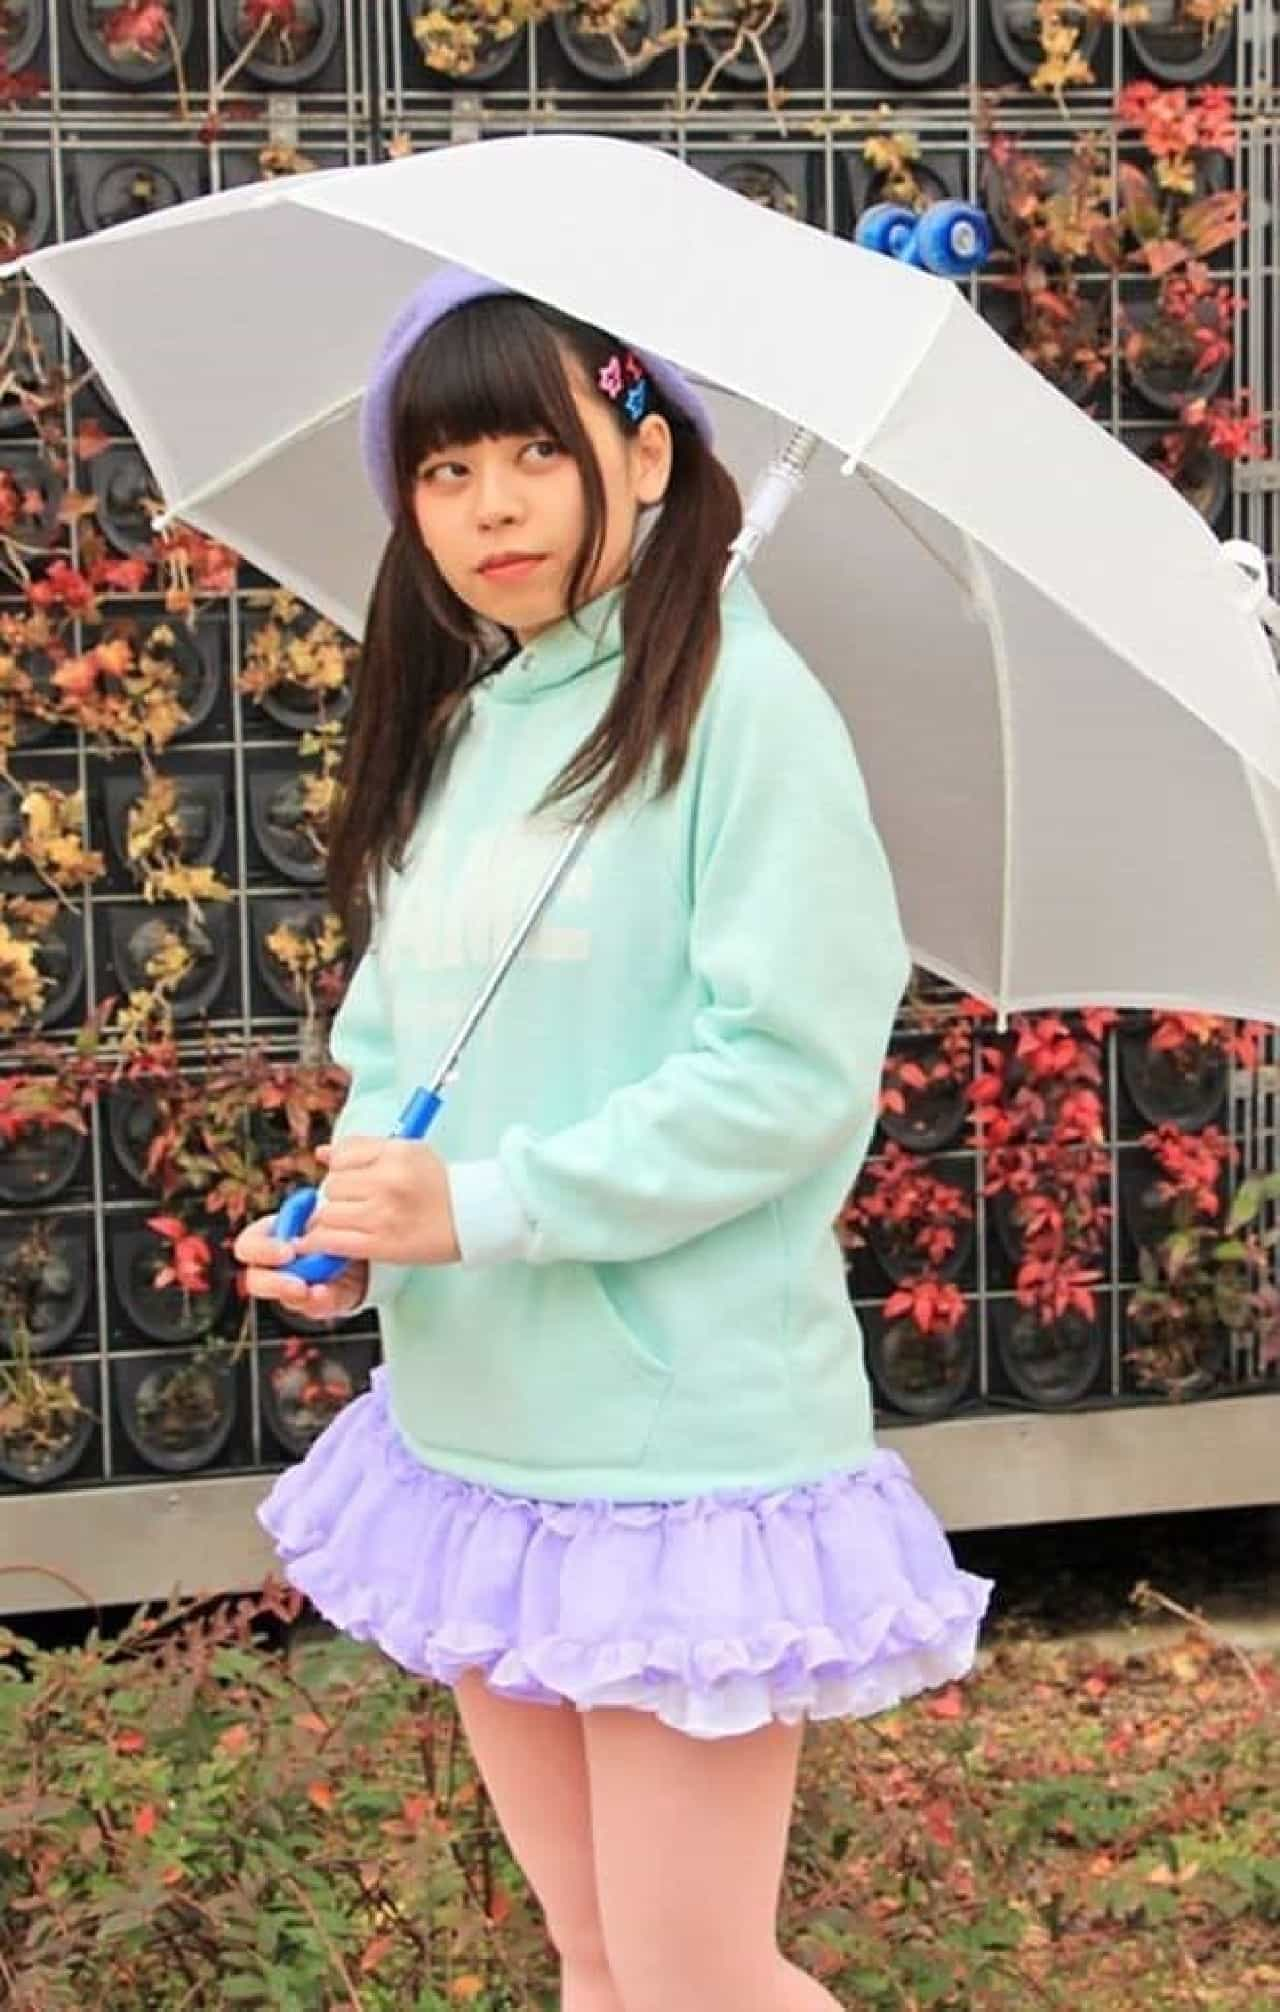 タイヤが付いた雨傘「コロガサナイト」